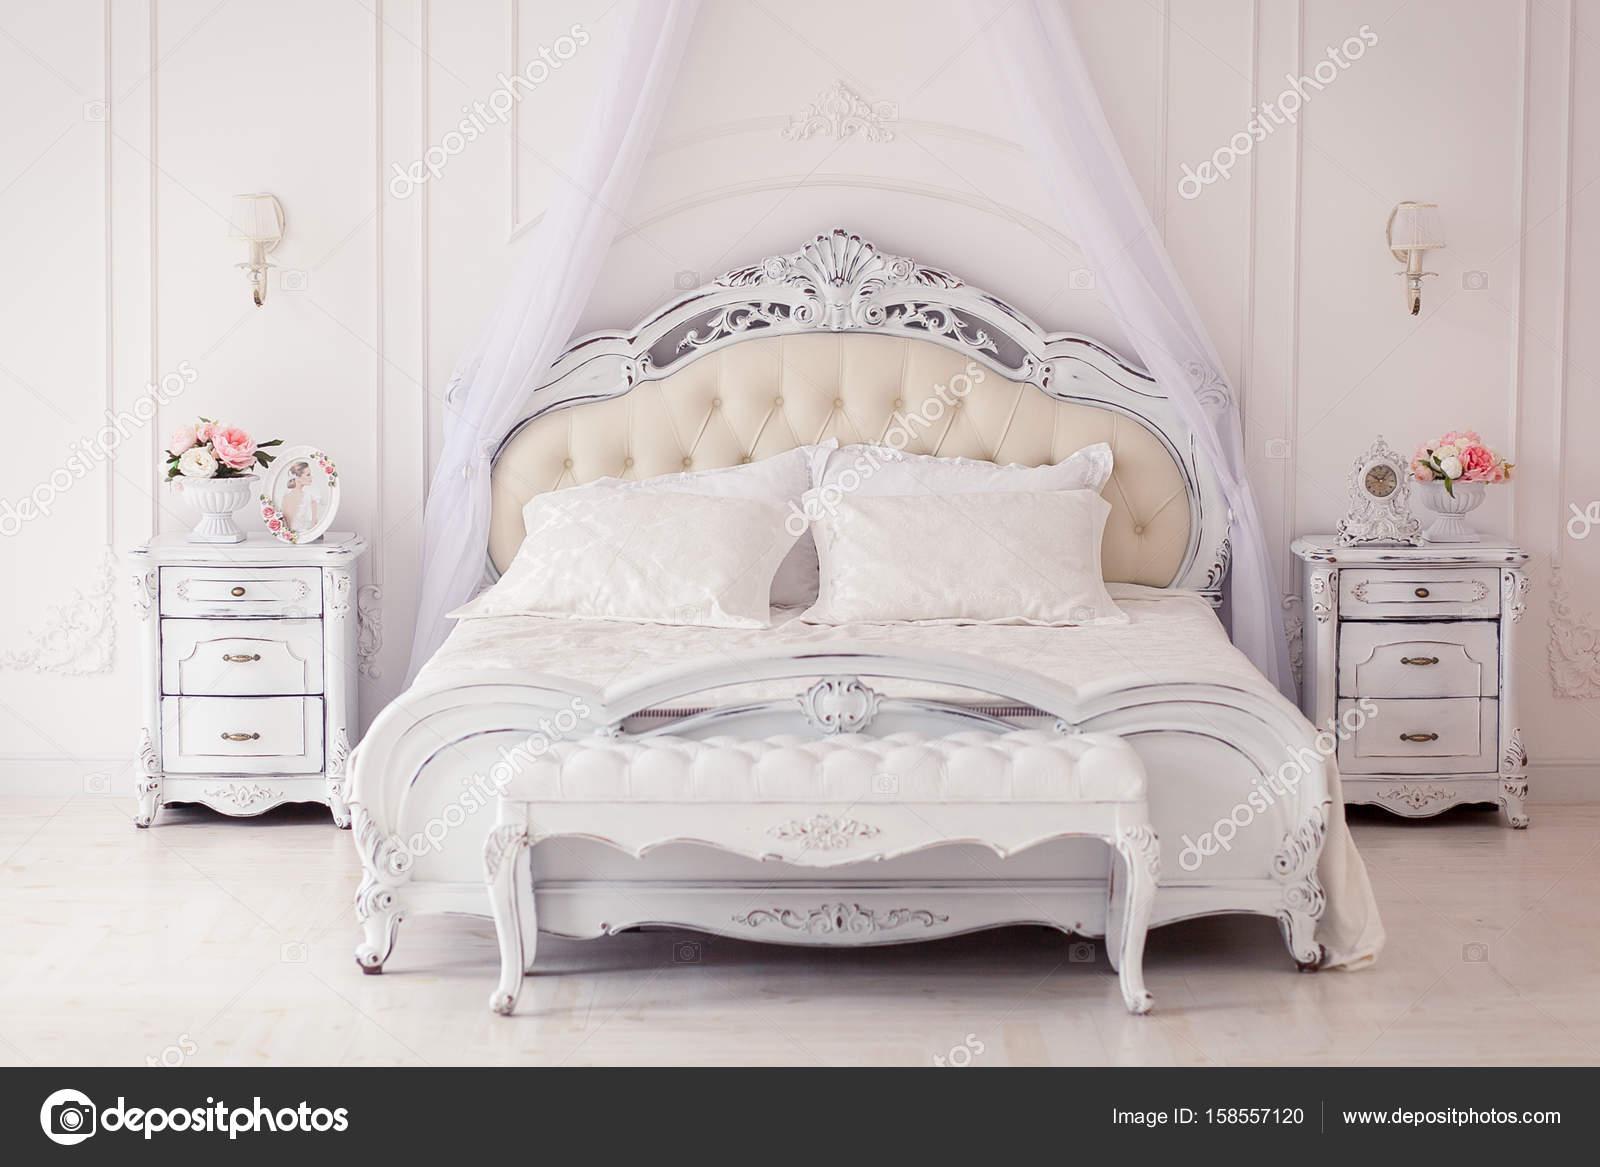 Luxus Schlafzimmer In Hellen Farben Mit Goldenen Möbel Details. Große  Komfortable Doppelzimmer Königsbett In Eleganten Klassischen Interieur U2014  Foto Von ...